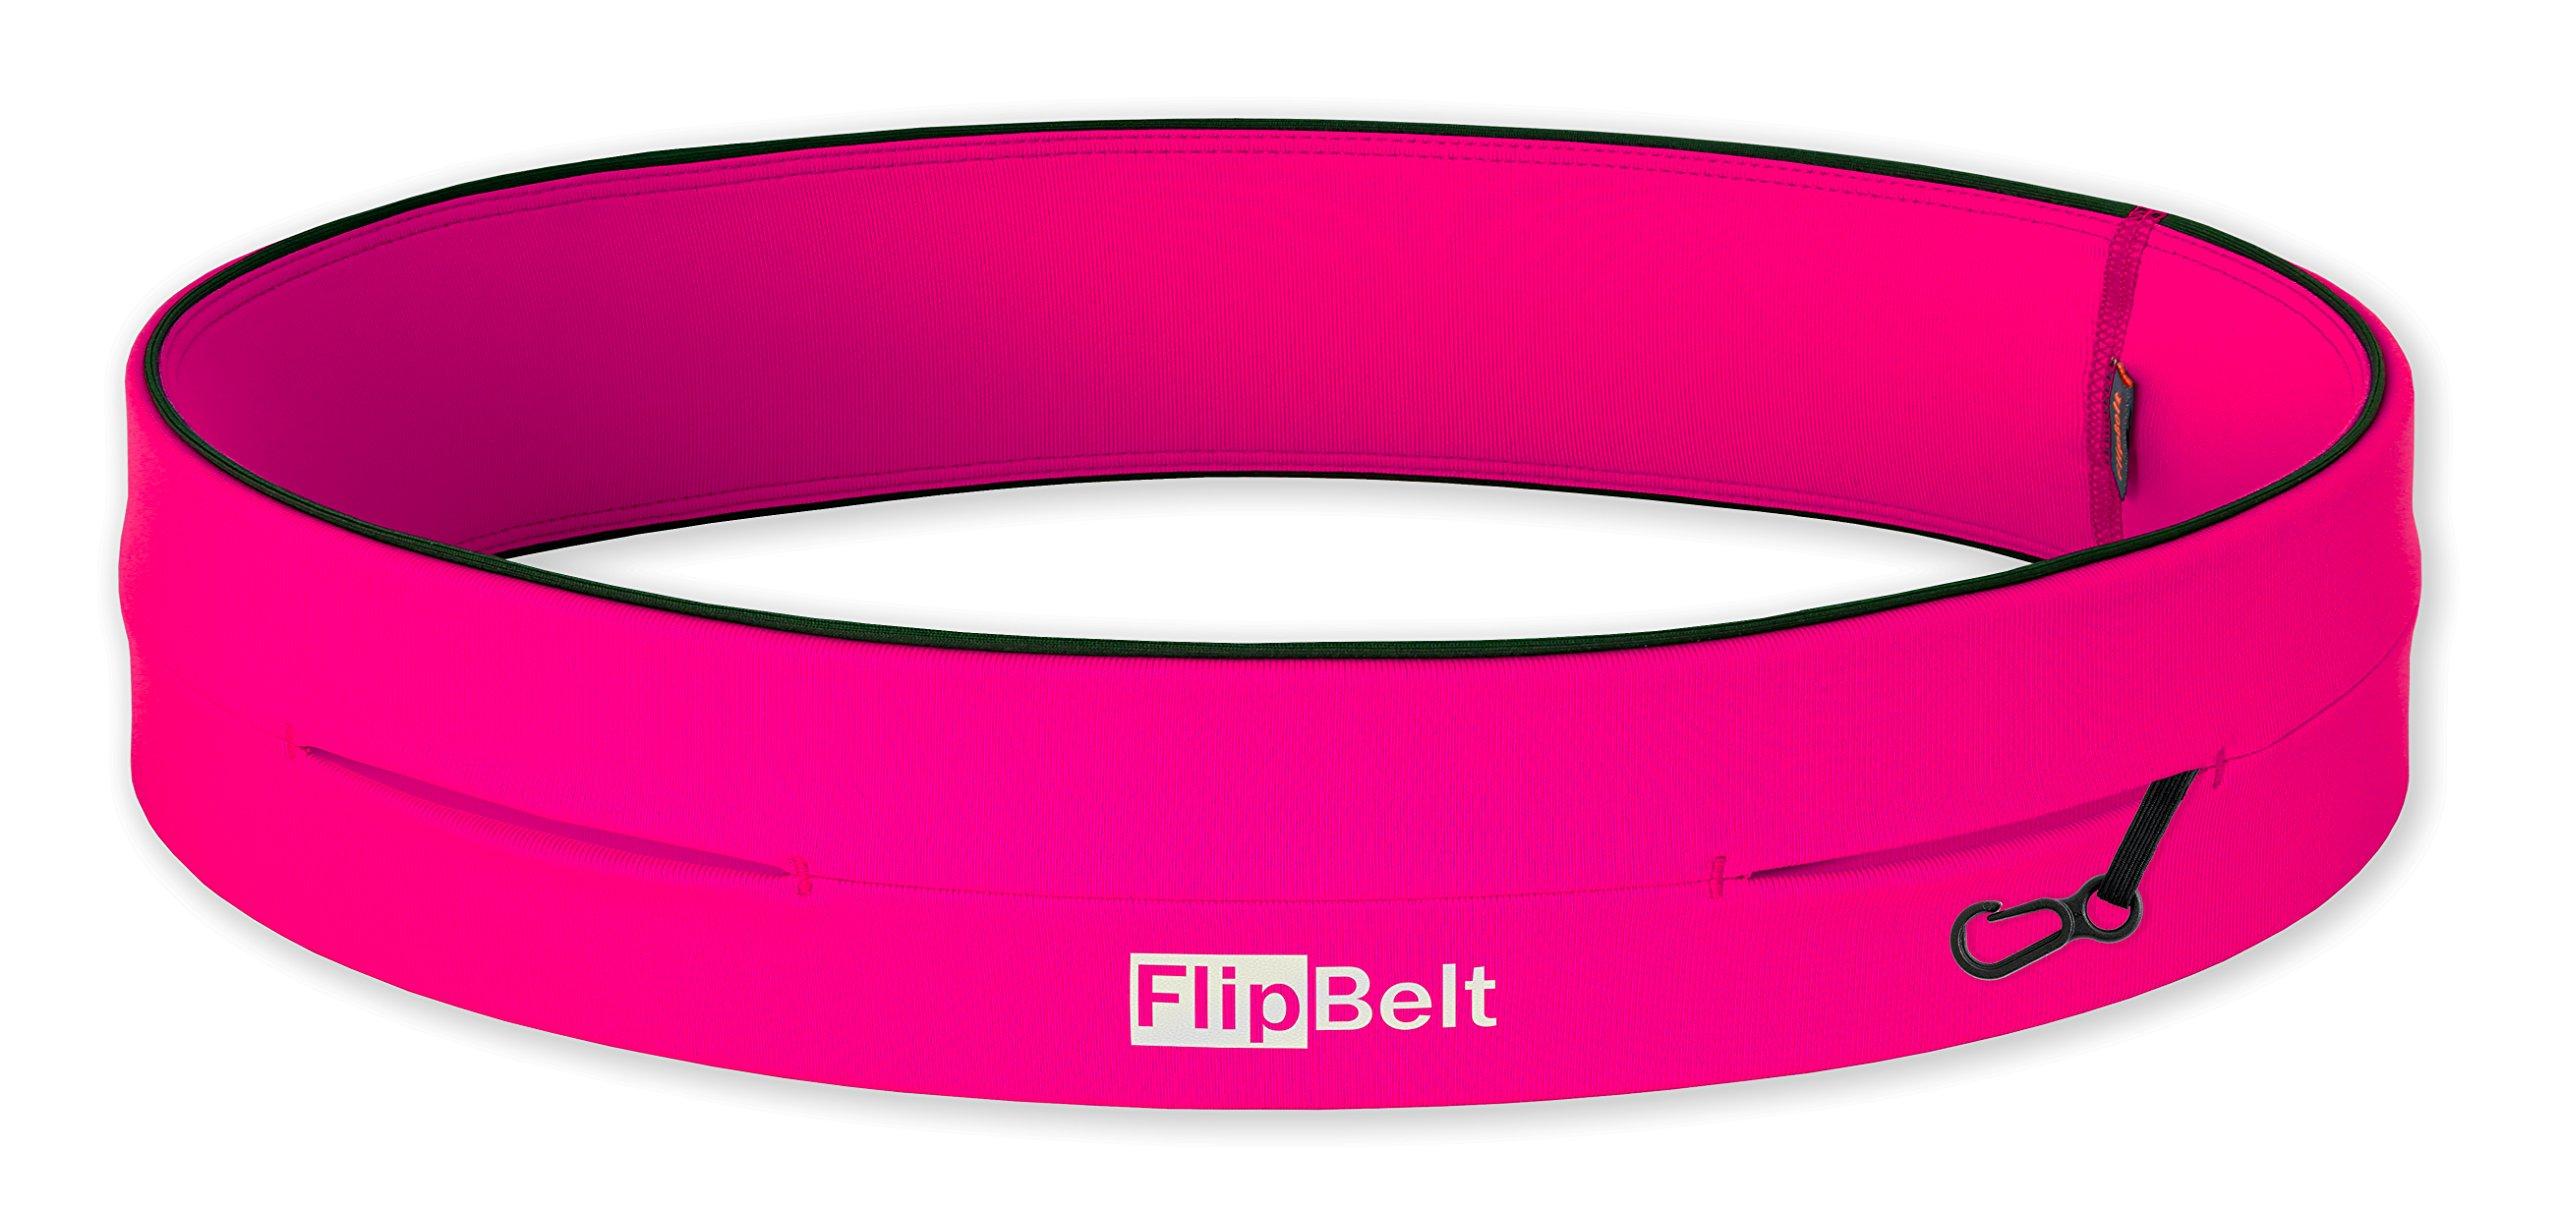 FlipBelt Level Terrain Waist Pouch, Hot Pink, X-Small/22-25